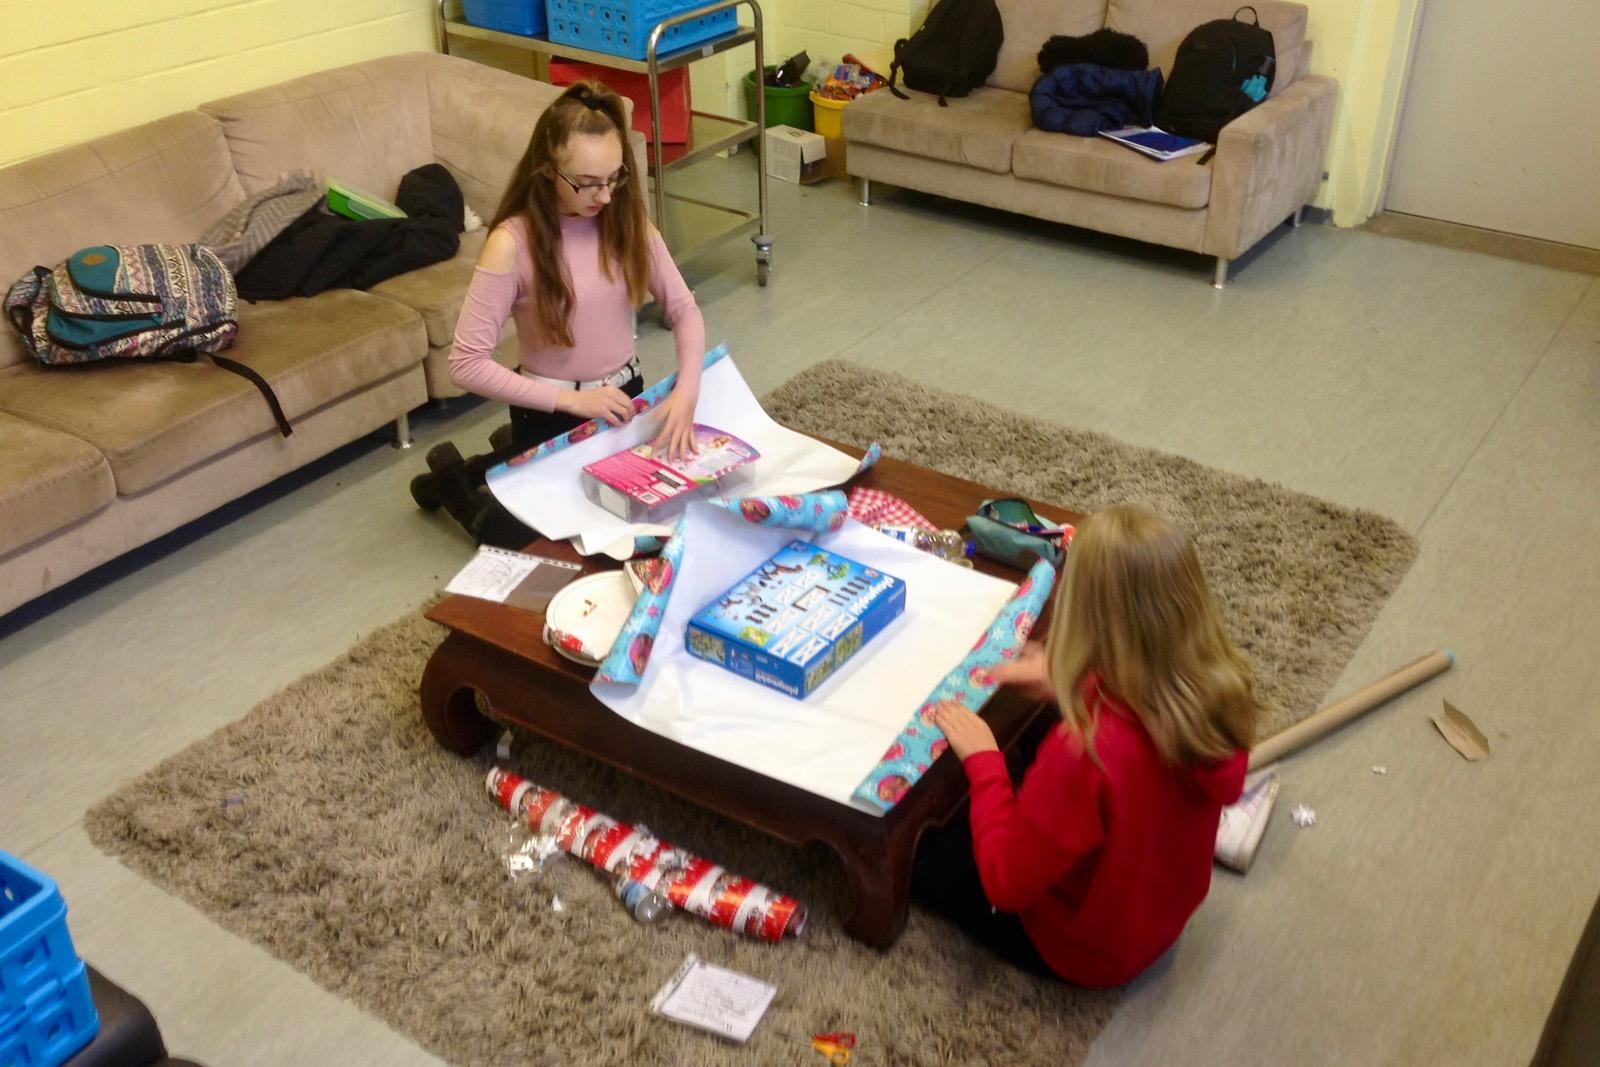 Die SV spendet Weihnachtsgeschenke für Kinder - Realschule Baesweiler